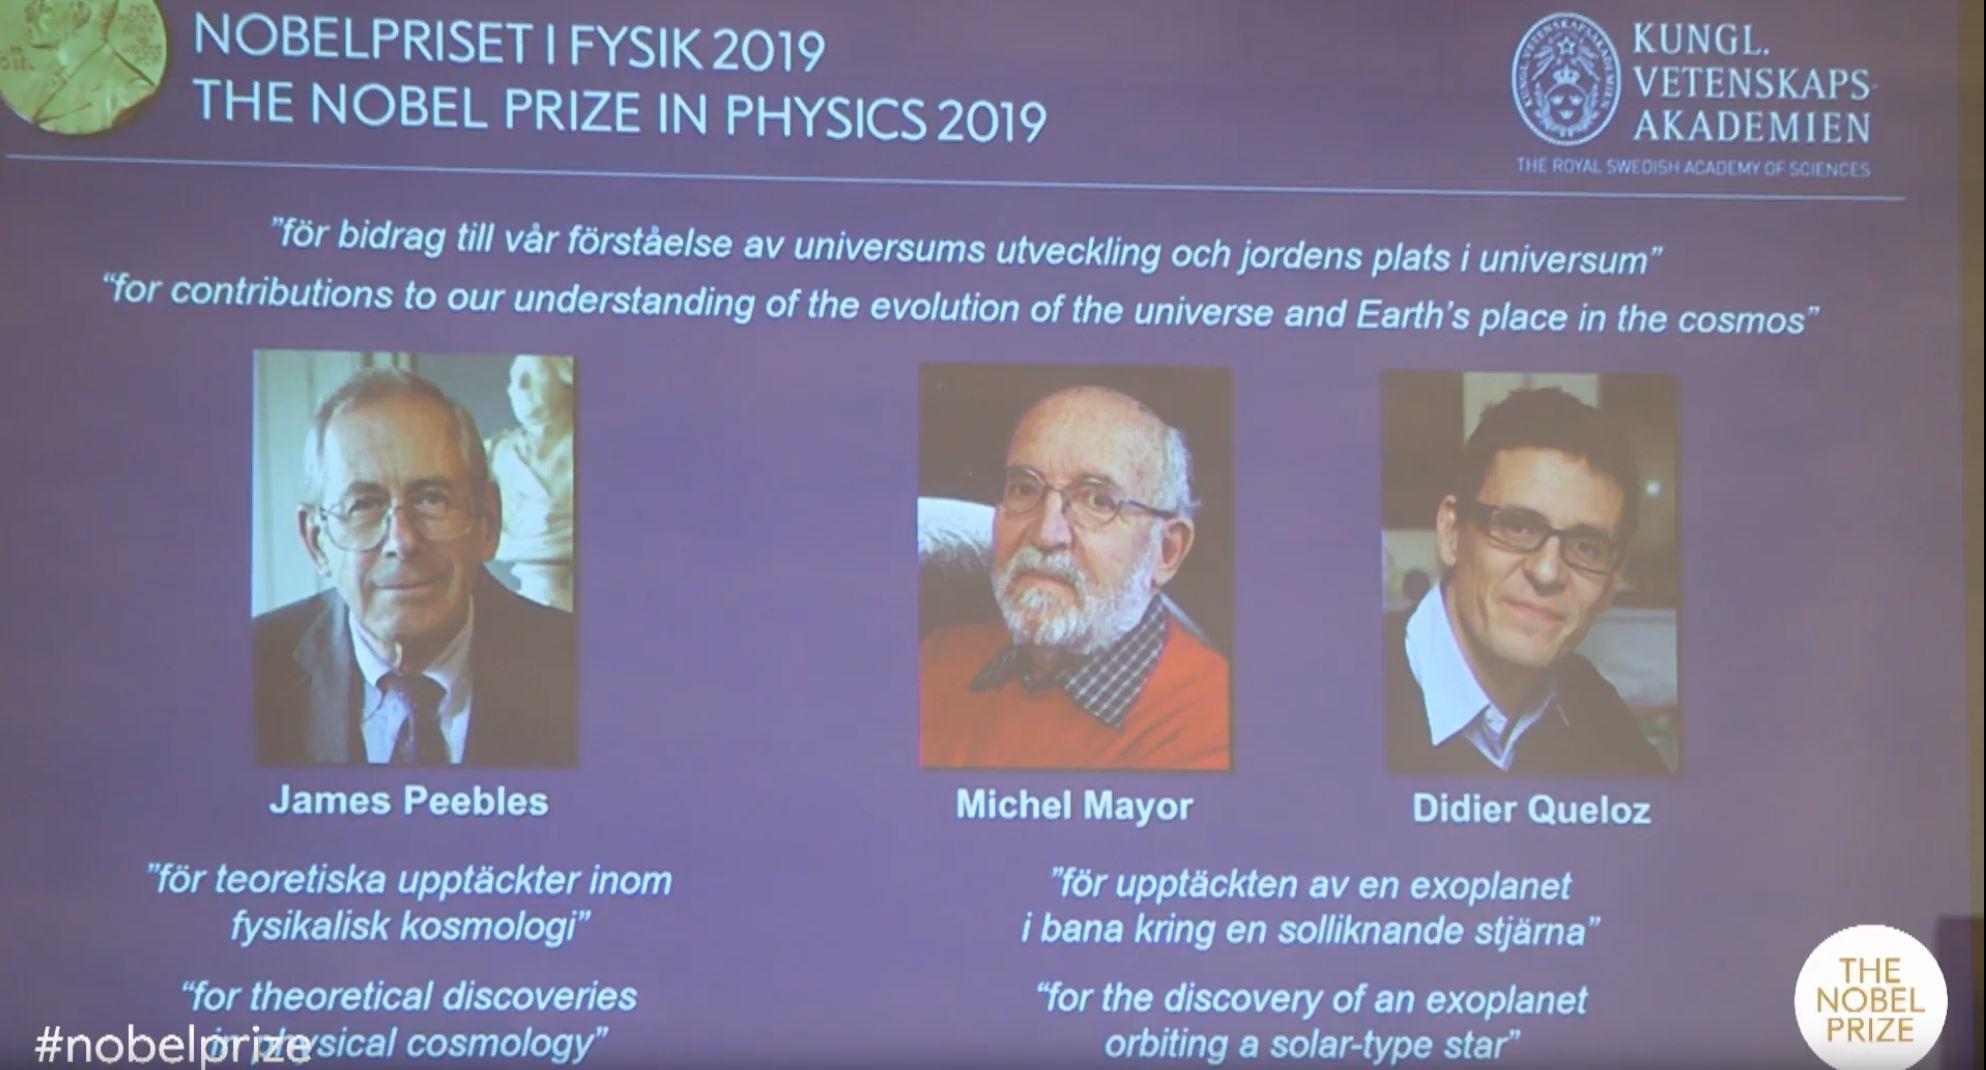 (видео) Трима учени получават Нобелова награда за физика за принос в разбирането на еволюцията на Вселената